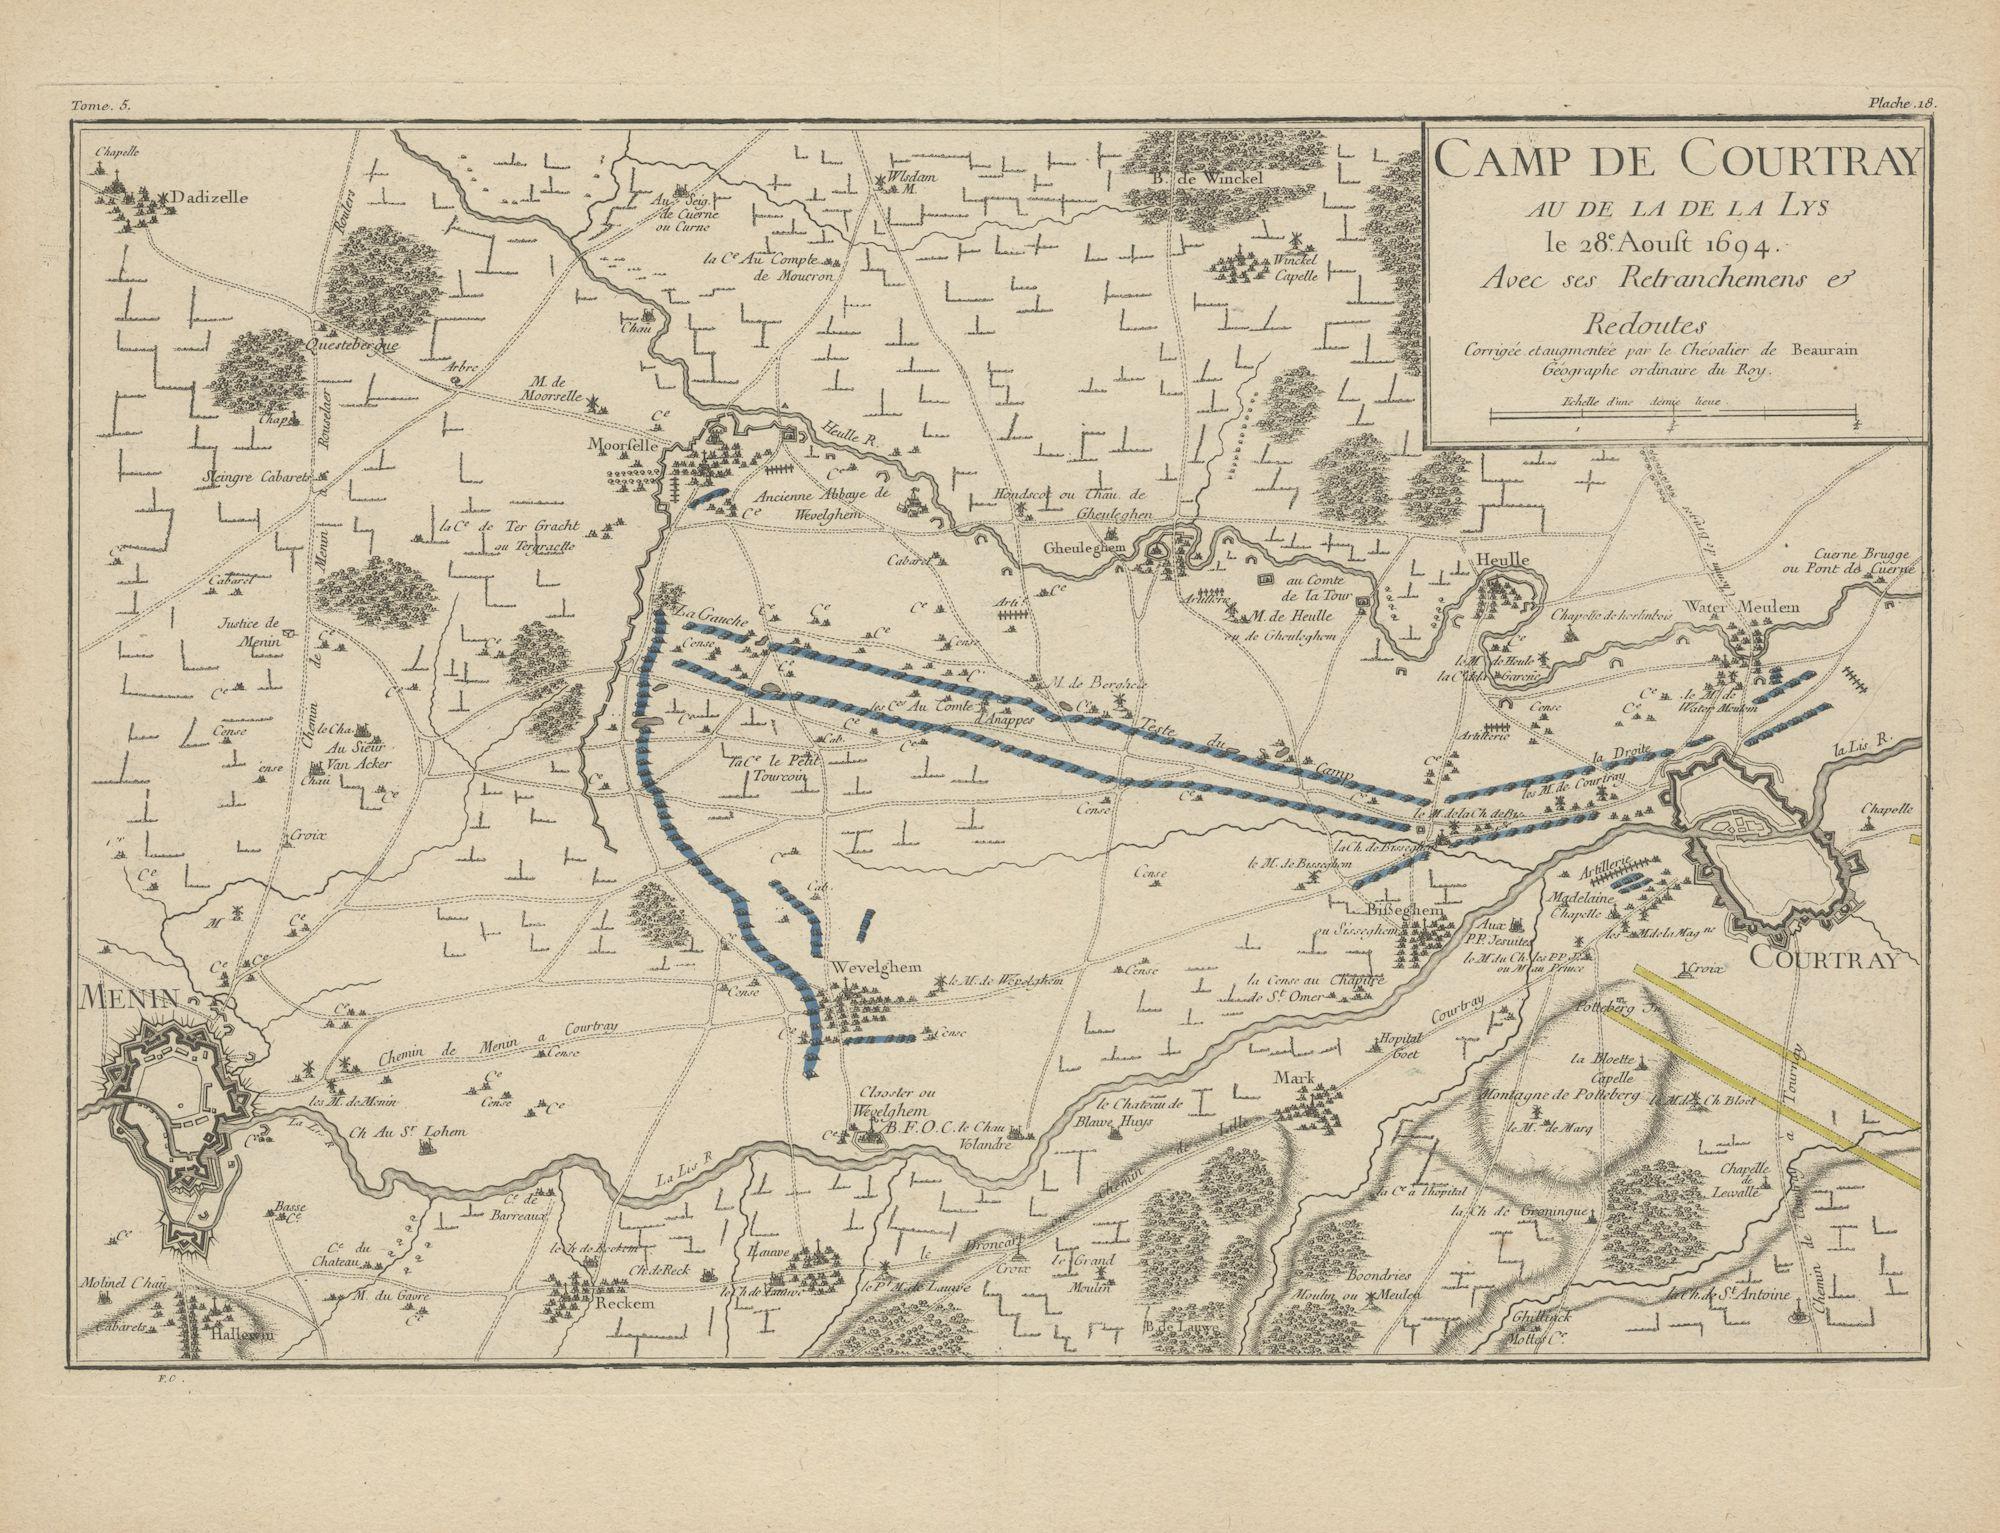 Westflandrica - Het beleg van Kortrijk op 28 augustus 1694